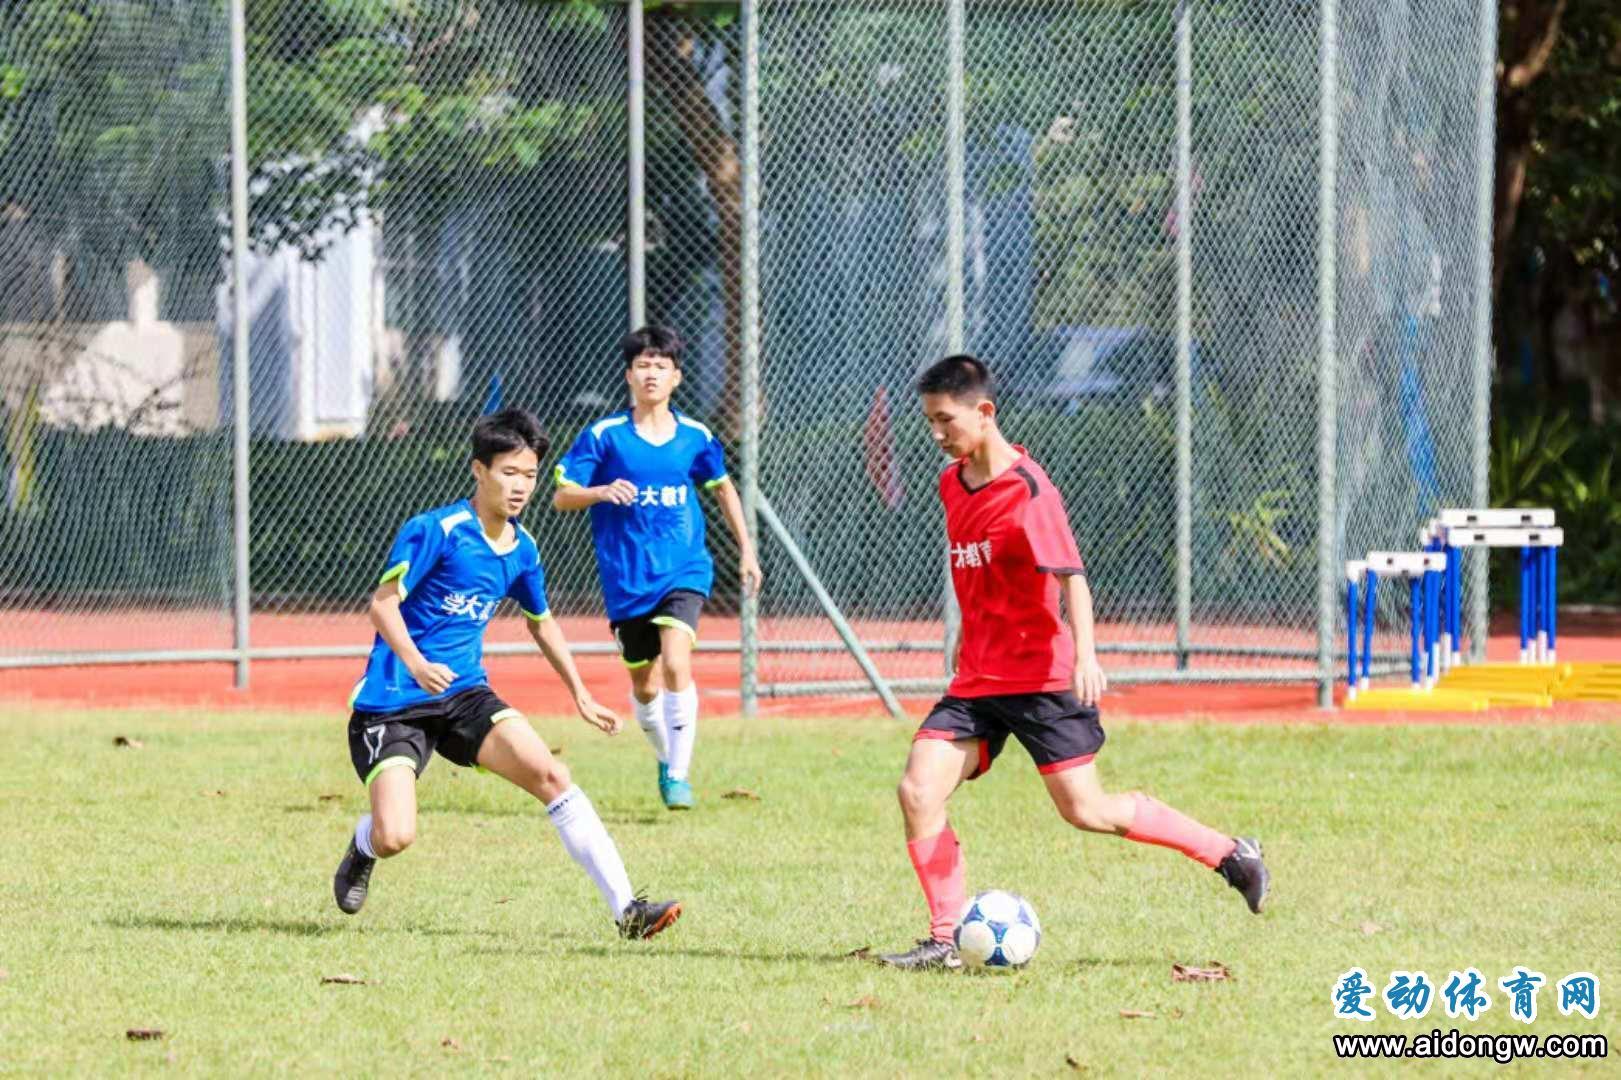 2019年海南省青少年校园足球夏/冬令营、教练员培训等系列活动即将来袭